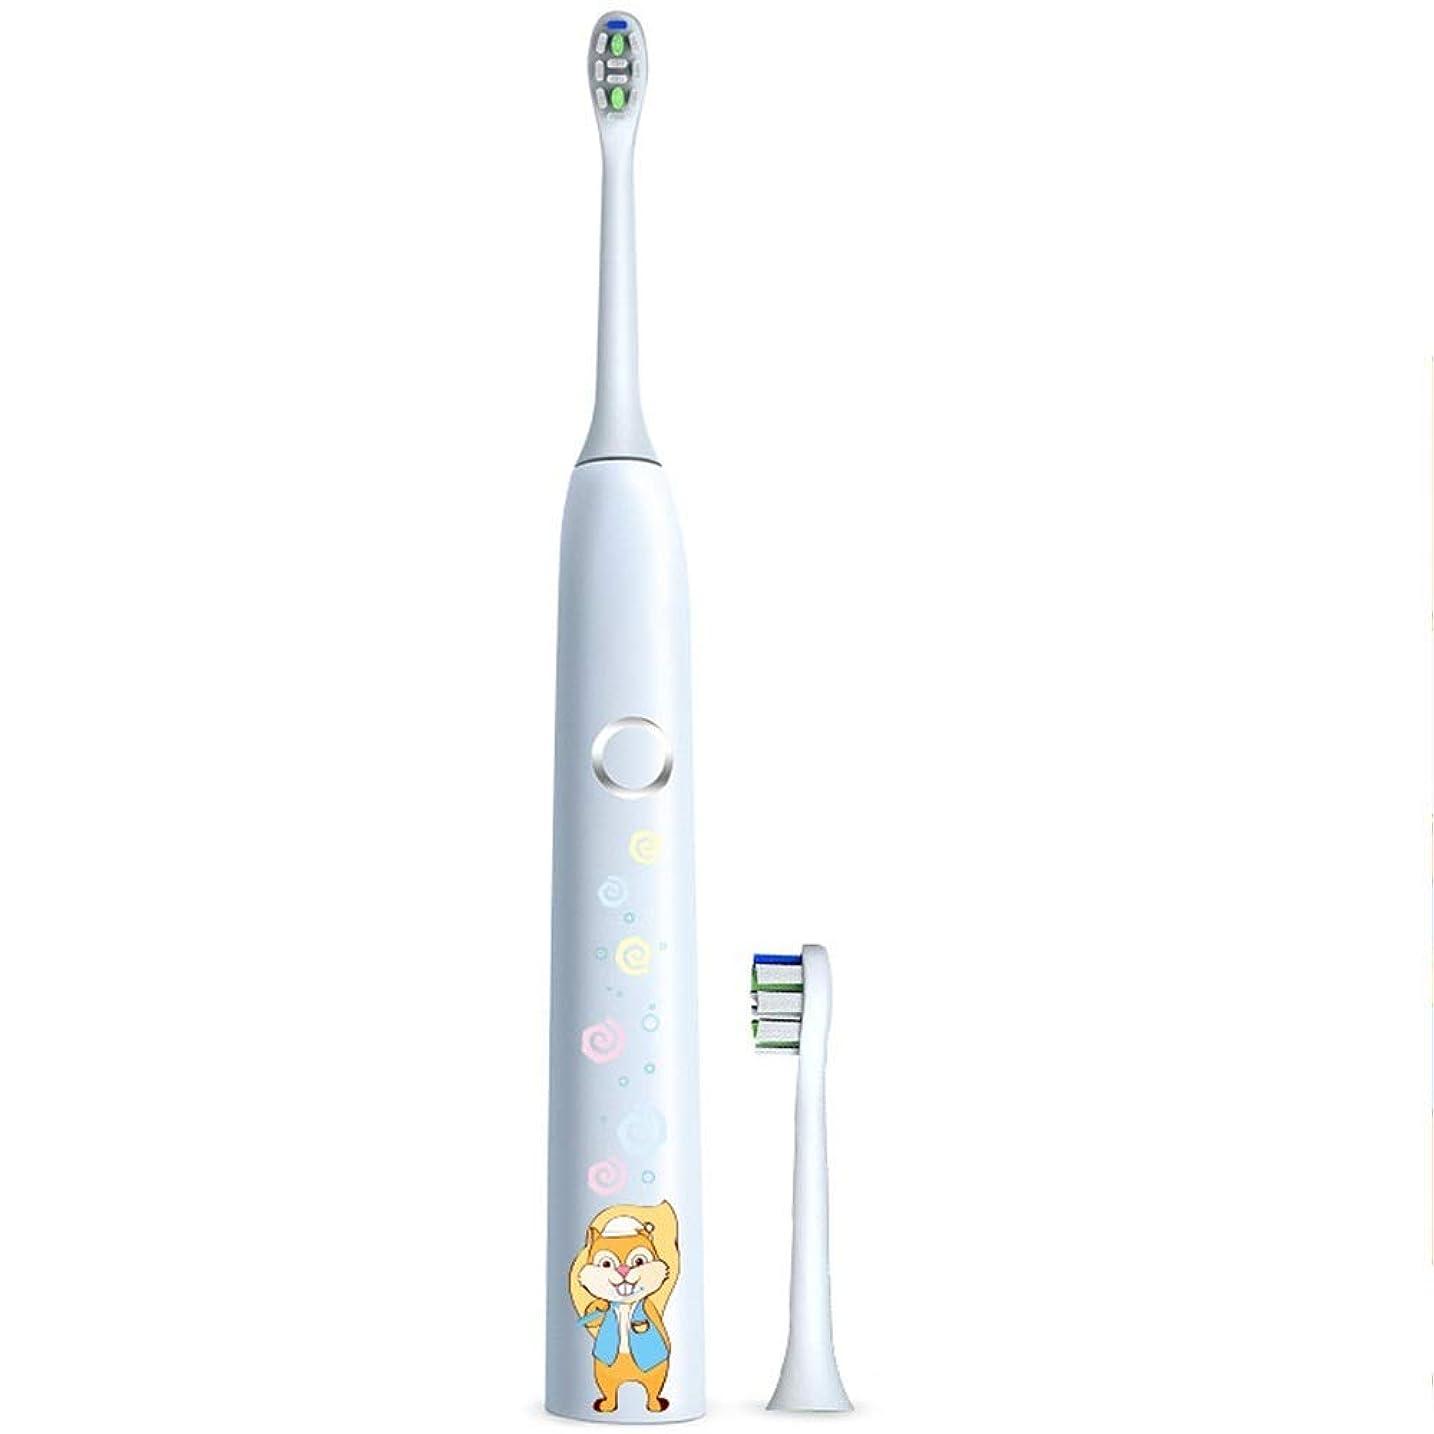 ブラザー文法息苦しい電動歯ブラシ 子供の電動歯ブラシ保護クリーンUSB充電式ソフトヘア歯ブラシ歯医者推奨 ケアー プロテクトクリーン (色 : 白, サイズ : Free size)